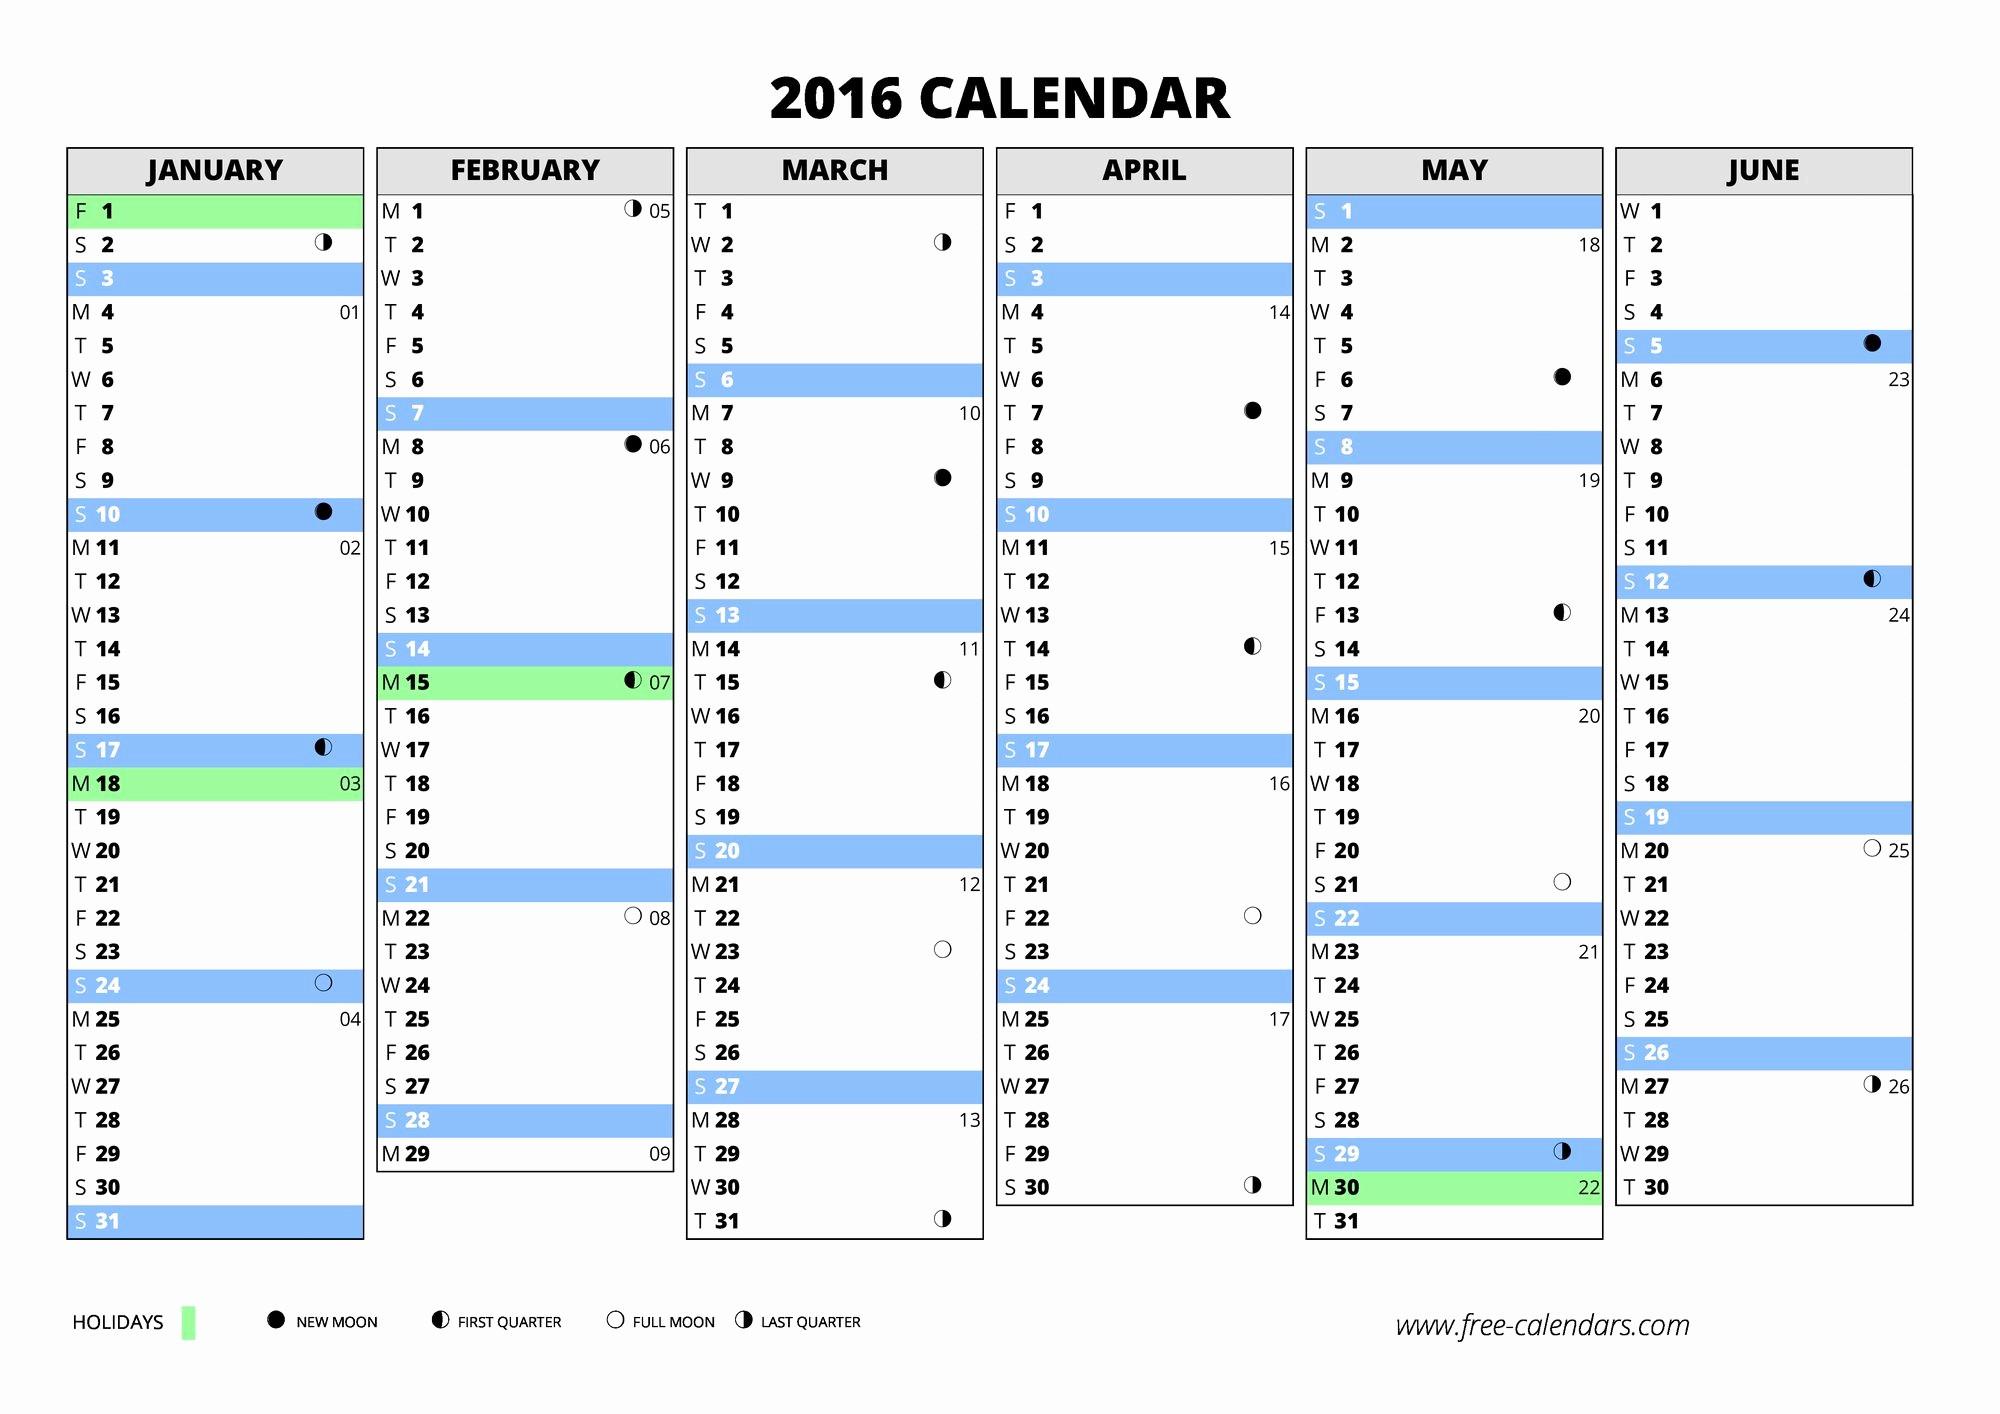 Excel 2016 Calendar with Holidays Unique 2016 Calendar ≡ Free Calendars